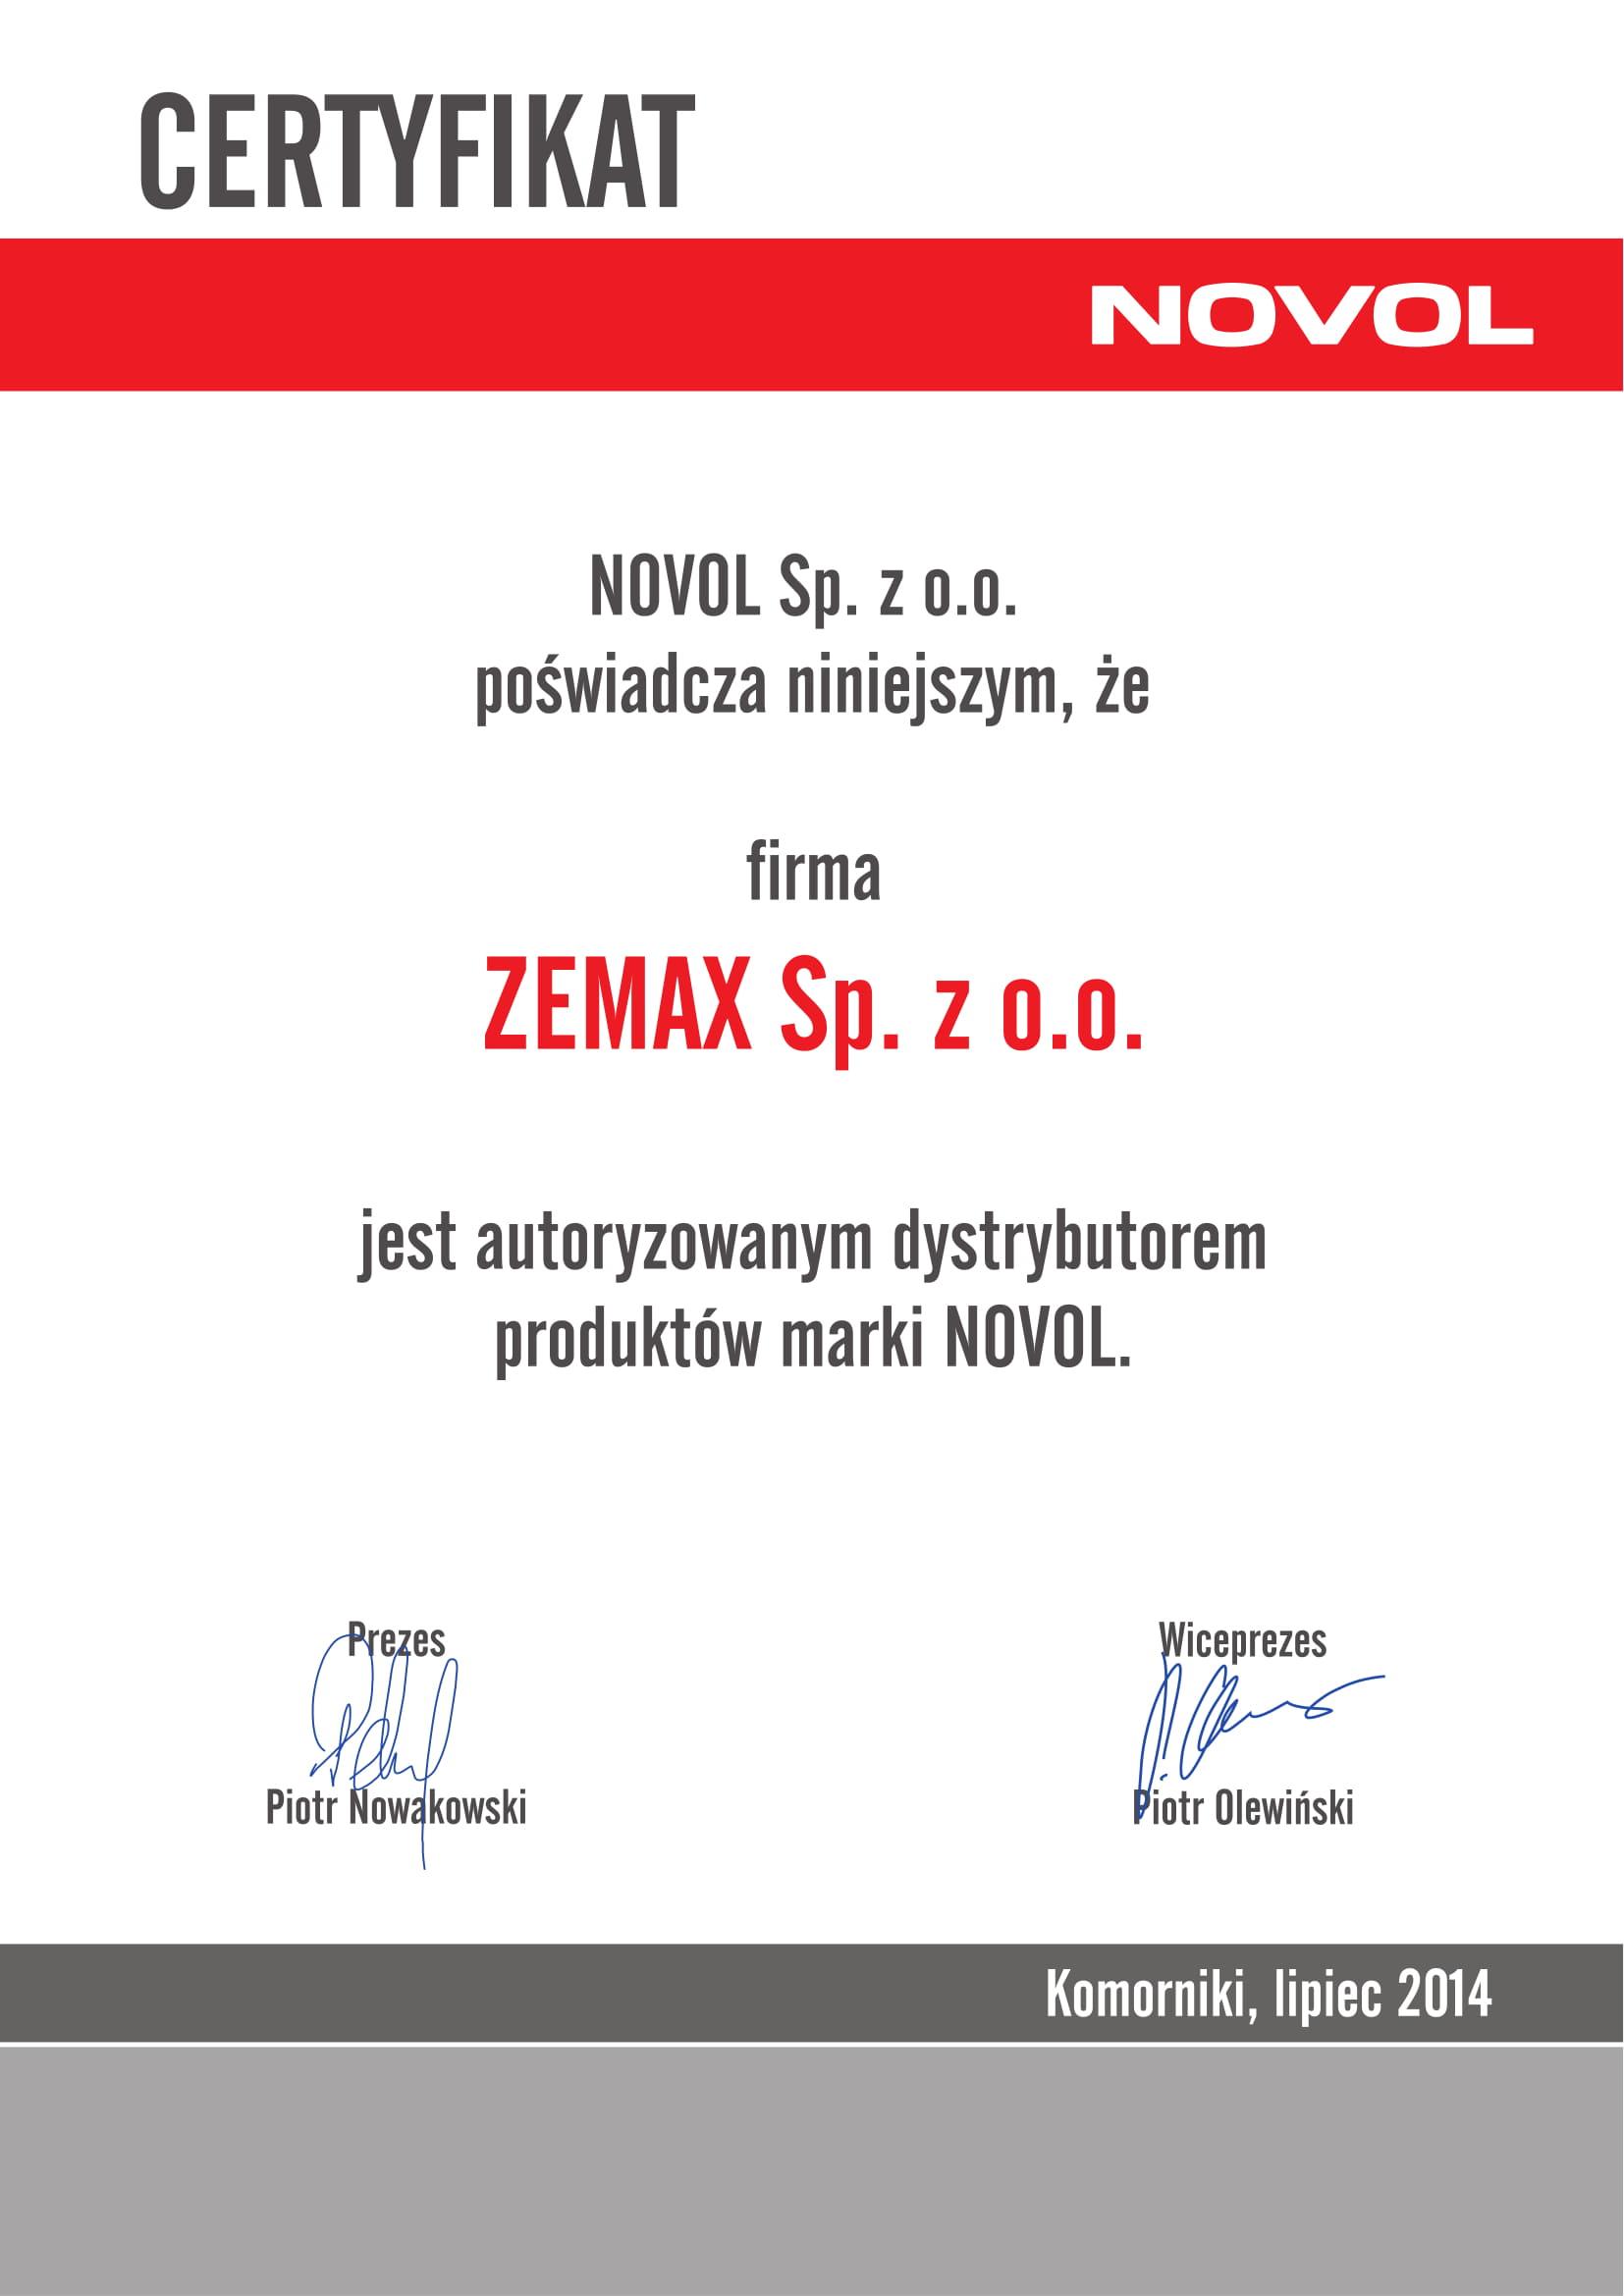 Certyfikat-3-1